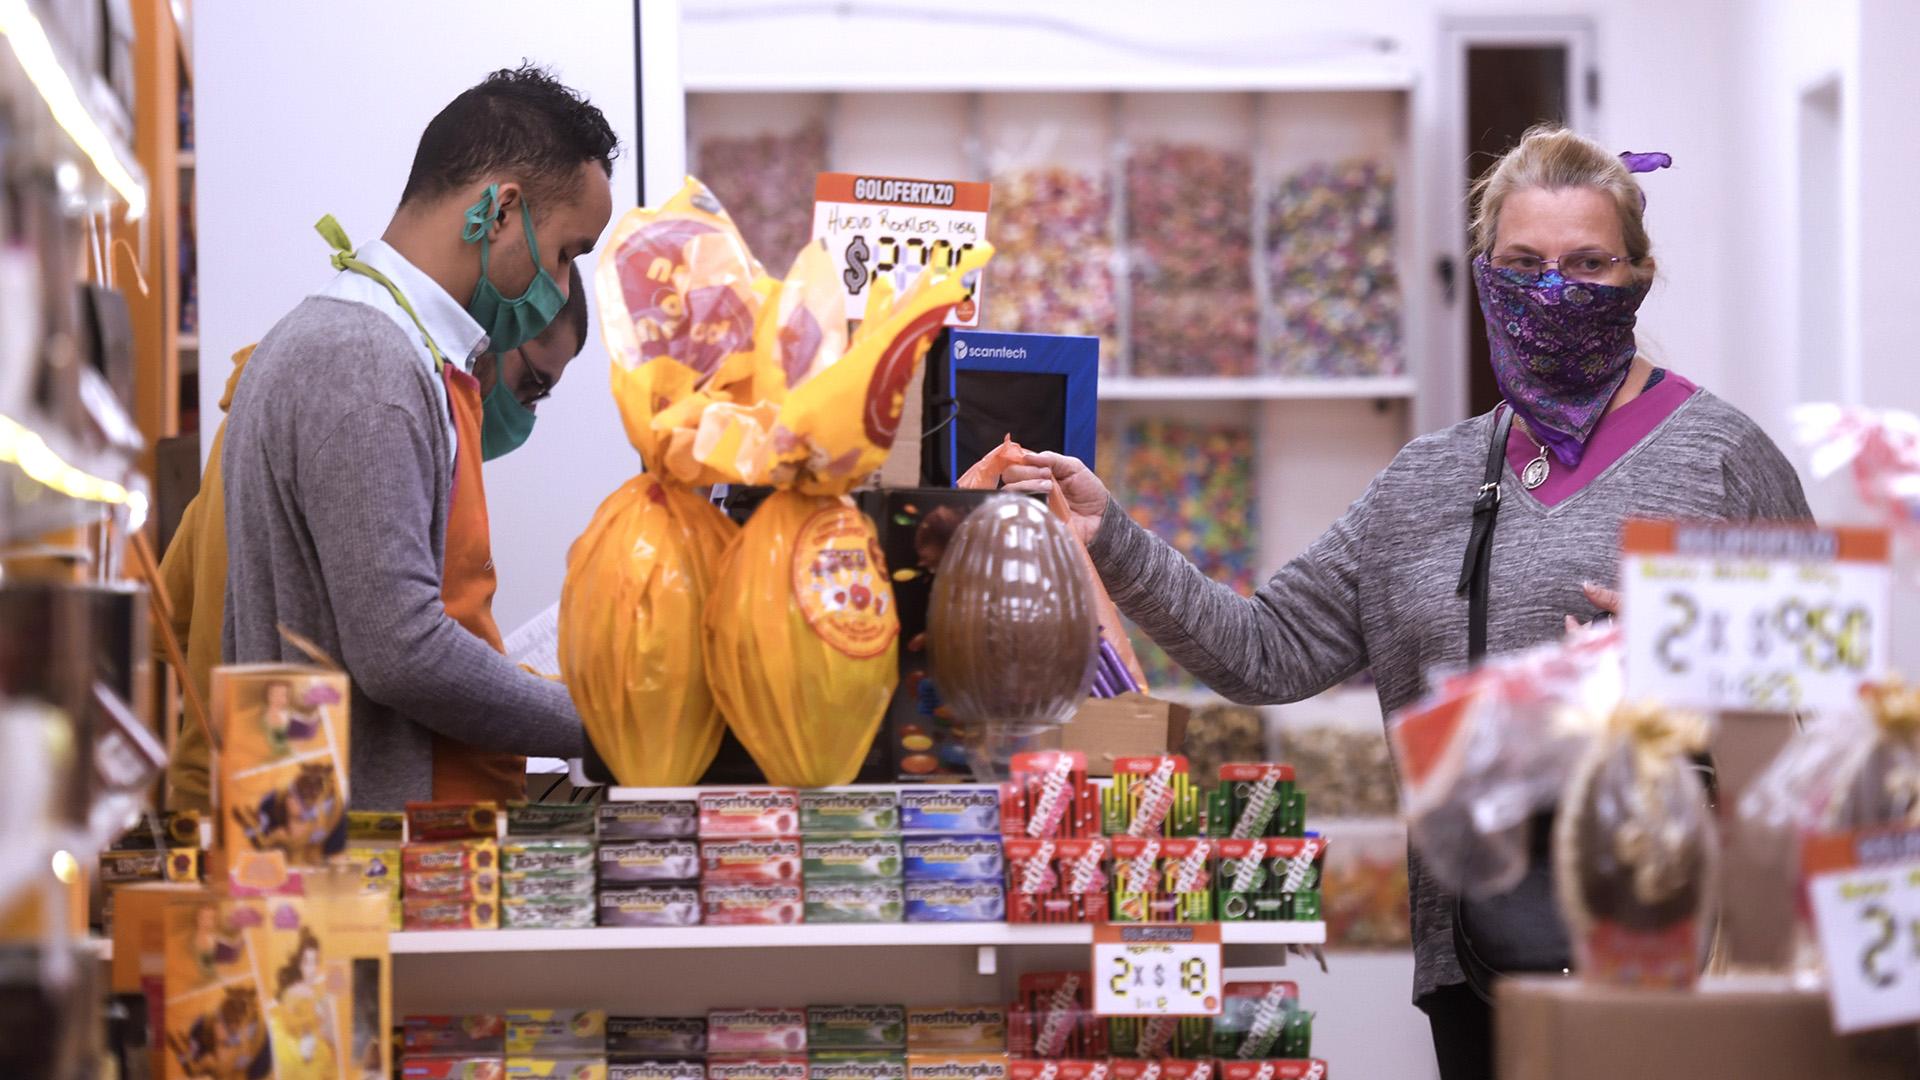 Para hacer las compras, también hubo un protocolo. Entre otras medidas, los supermercados debieron implementar el horario de atención al público de 7 a 20 hs. a fin de evitar las concentraciones de los clientes. También disponer de personal específicamente destinado a controlar el acceso y evitar aglomeraciones en los locales de venta, para mantener la distancia social recomendada entre clientes y trabajadores. Señalizar los lugares de espera, de manera de mantener una distancia de 1,5m. entre clientes en lugares de espera tanto en línea de cajas como donde los consumidores deban formar fila para ser atendidos.